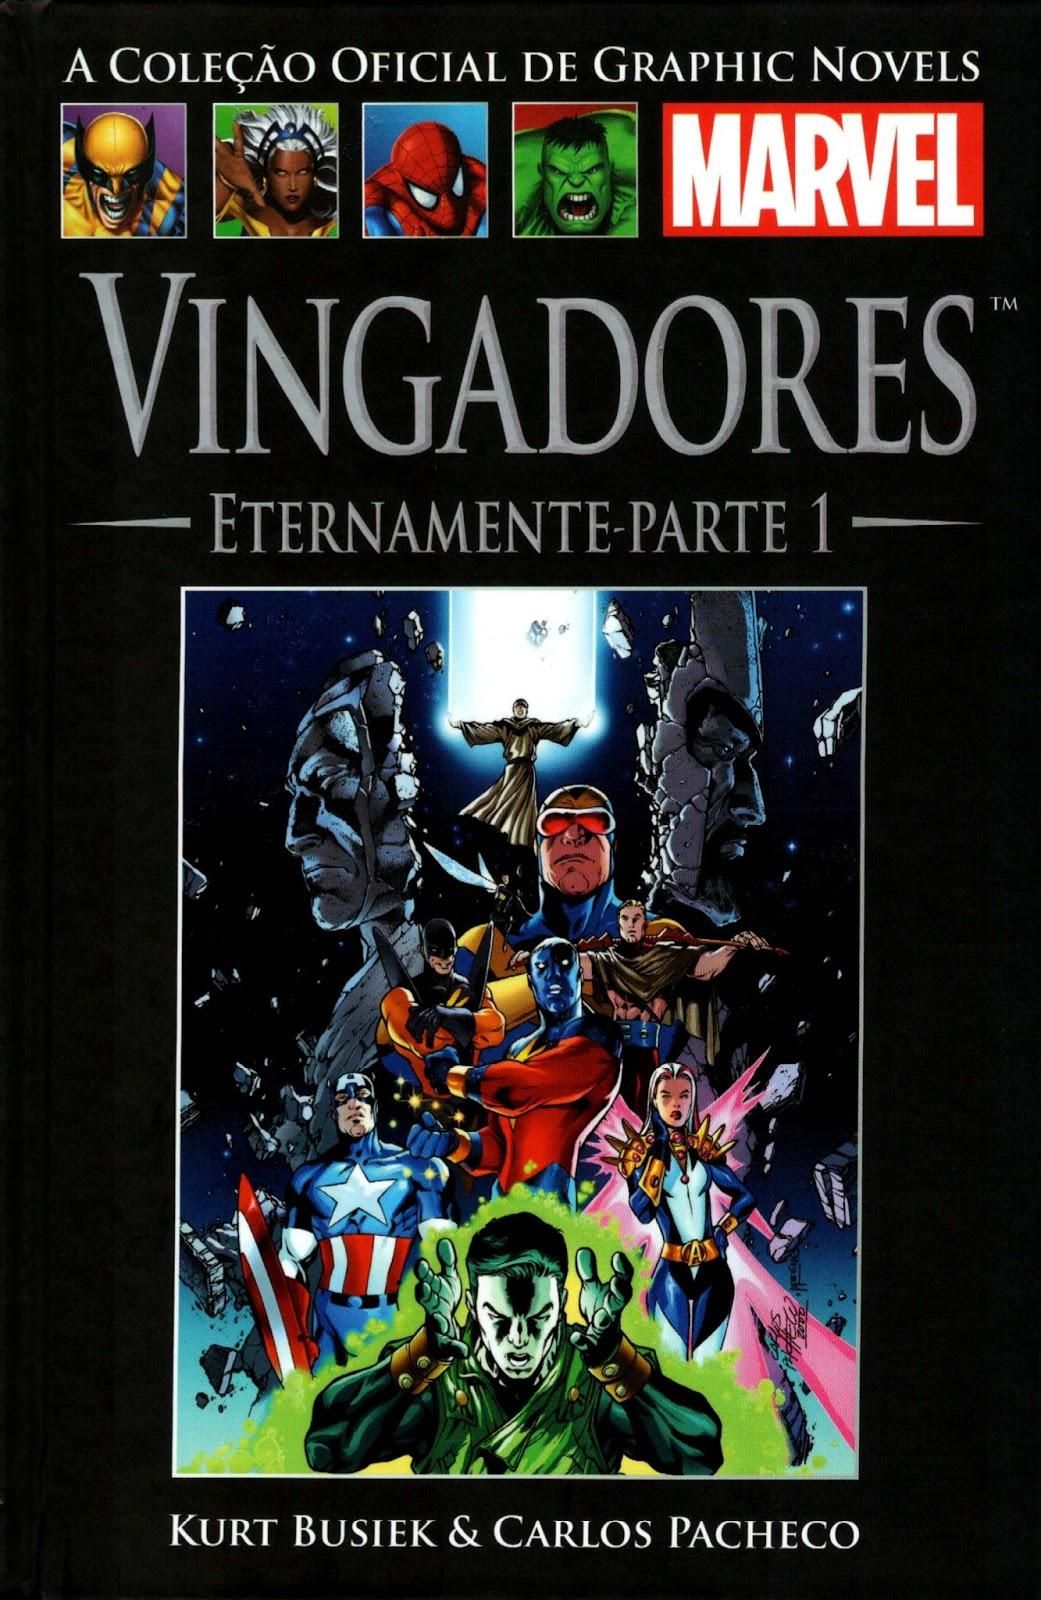 Planeta Marvel / DC: Análise do Planeta Marvel: Vingadores